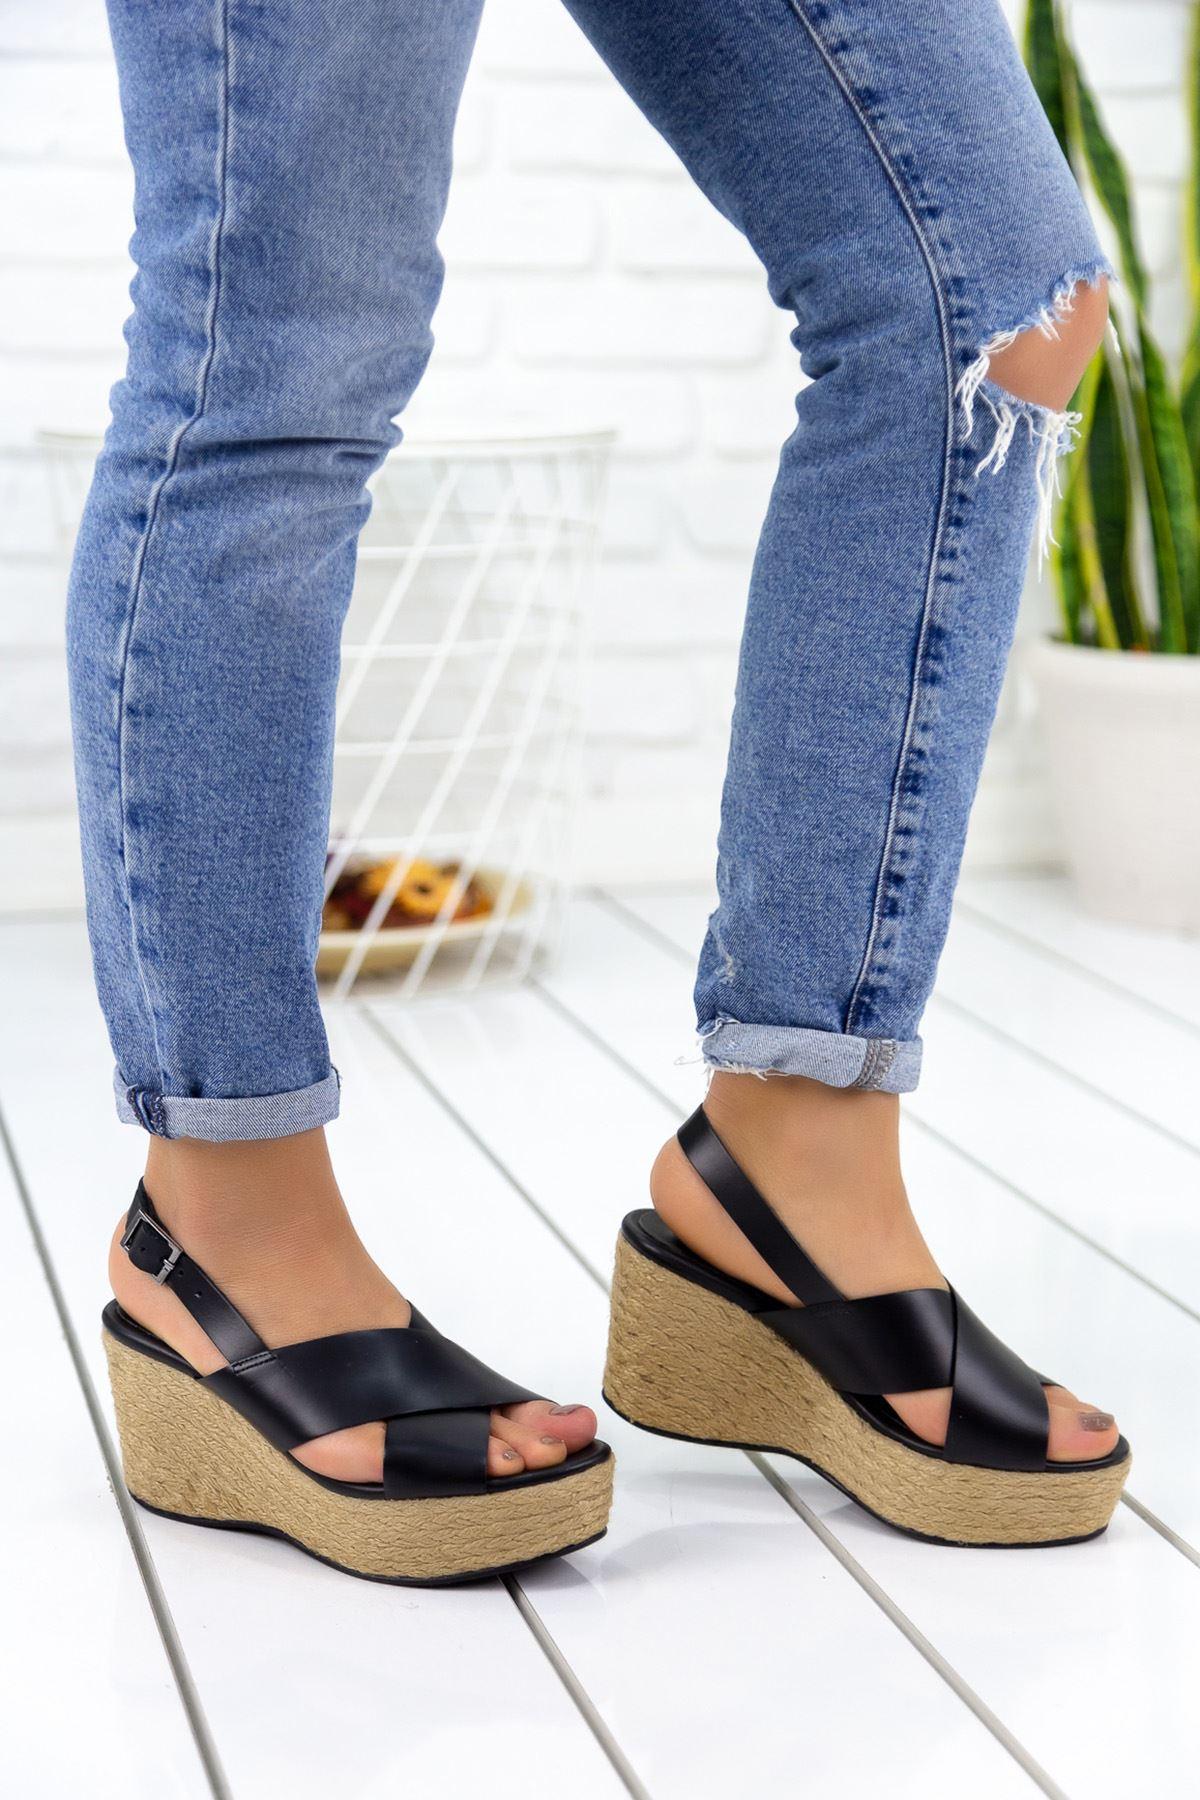 Nolly Siyah Hasır Tabanlı Hakiki Deri Platform Bayan Ayakkabı